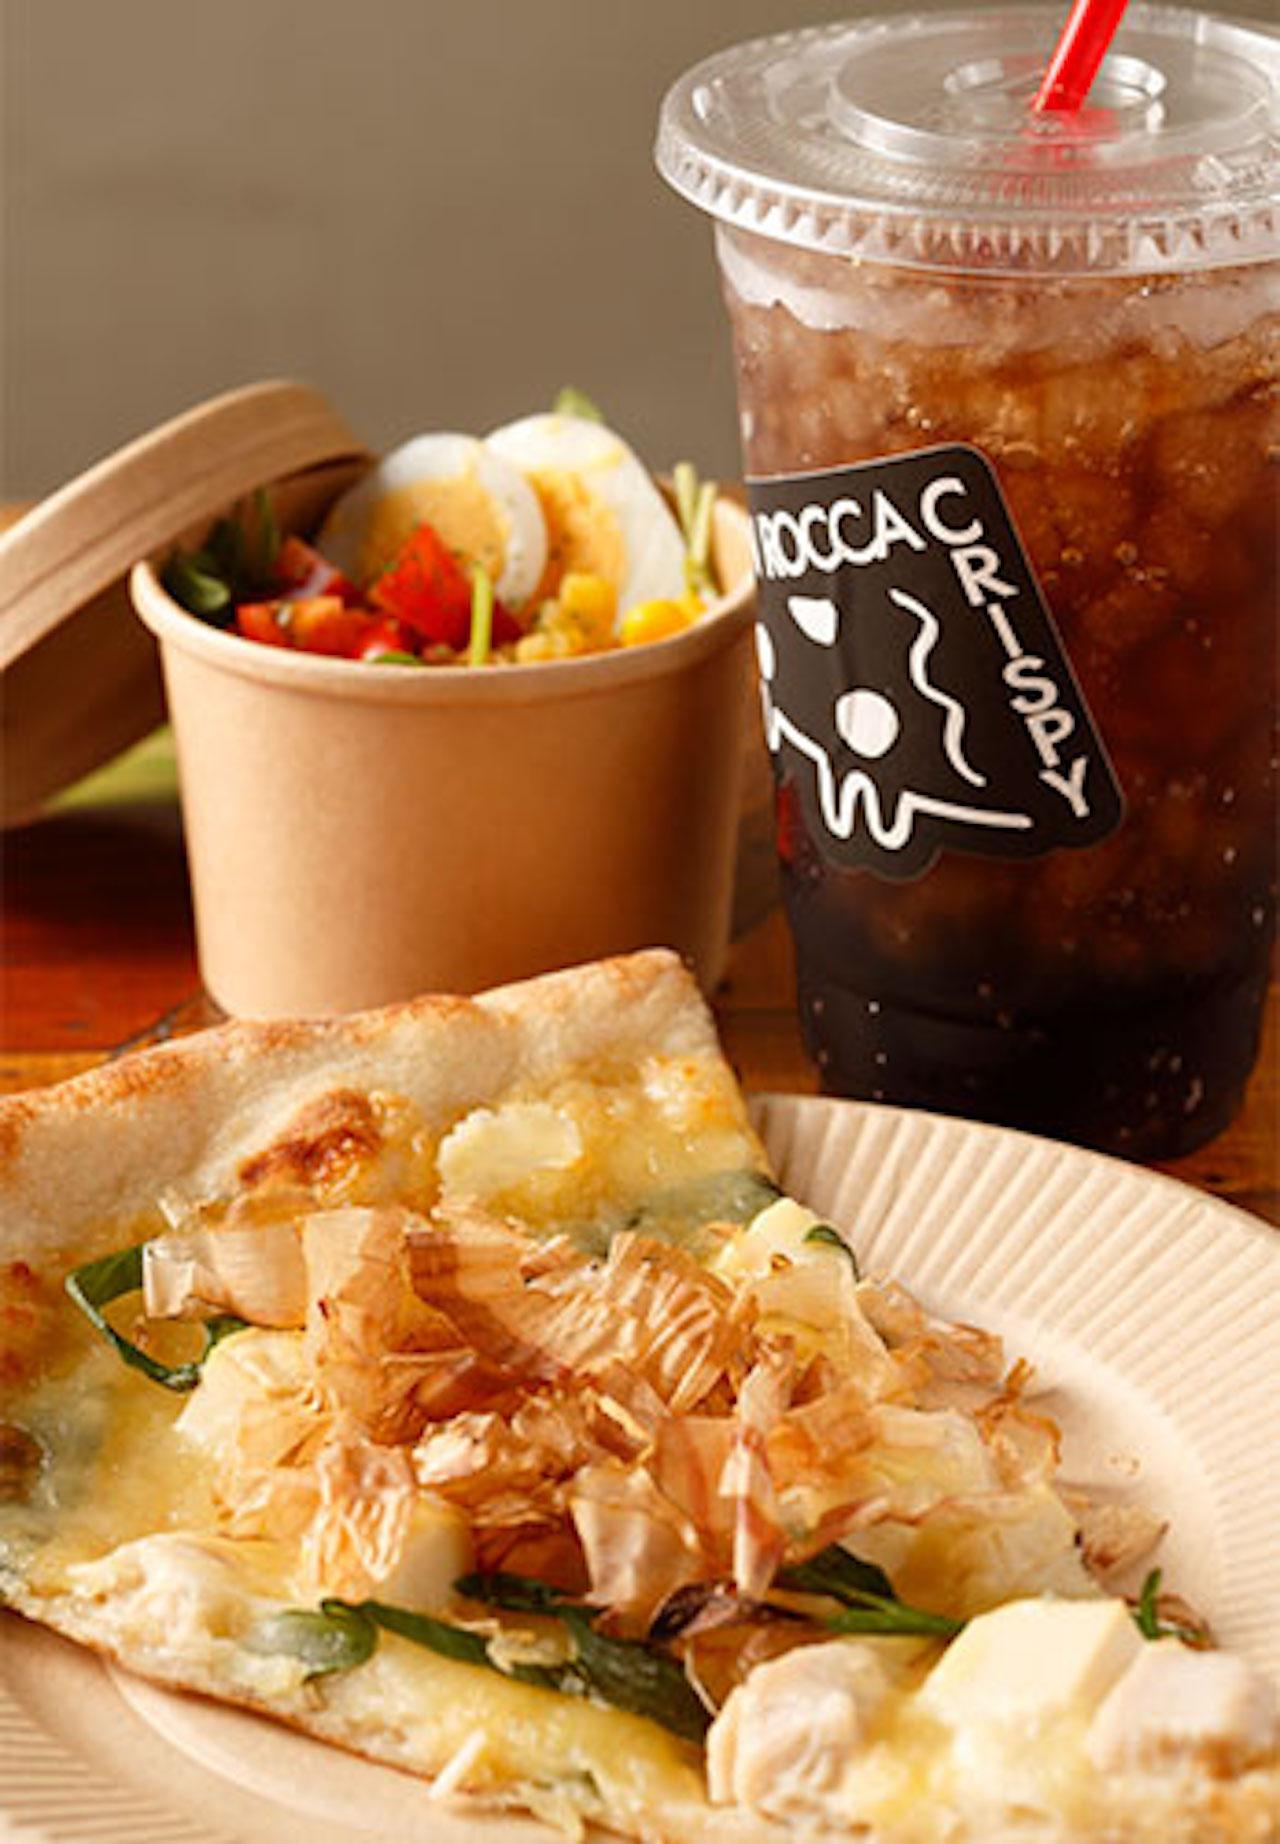 ROCCA SETなら+400円で、白味噌と九条ネギの京風ピザくるり490円など、好きなピザにドリンクとサラダorスープが付く